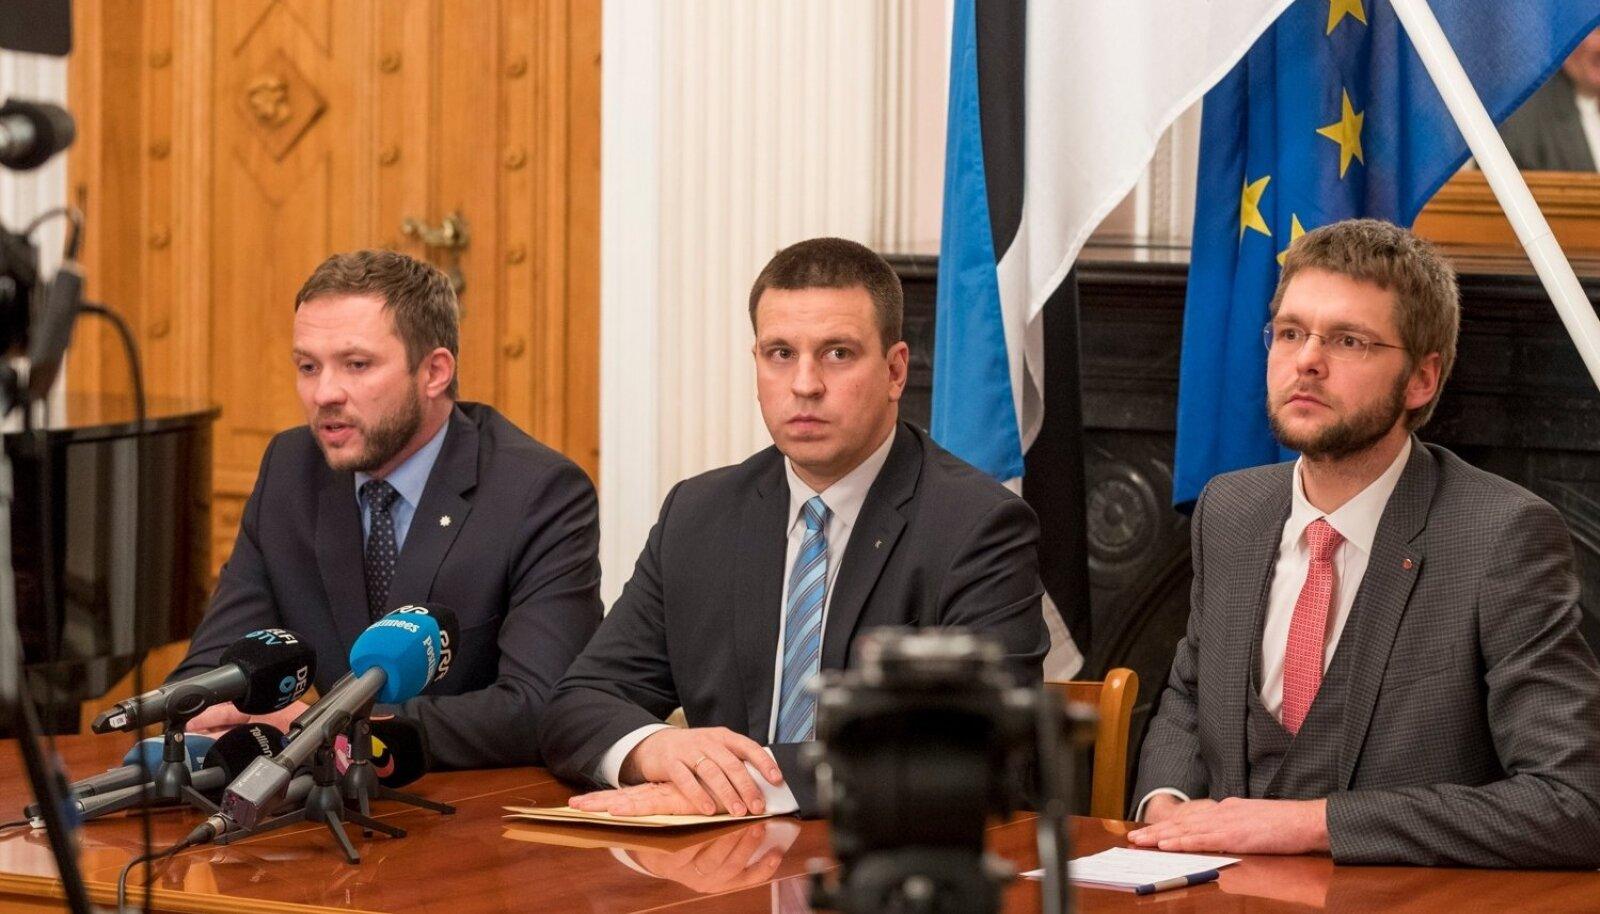 Keskerakonna, IRLi ja SDE esimehed Jüri Ratas, Margus Tsahkna ja Jevgeni Ossinovski teatasid, et alustavad 09.11.2016 konsultatsioone, et moodustada valitsus.